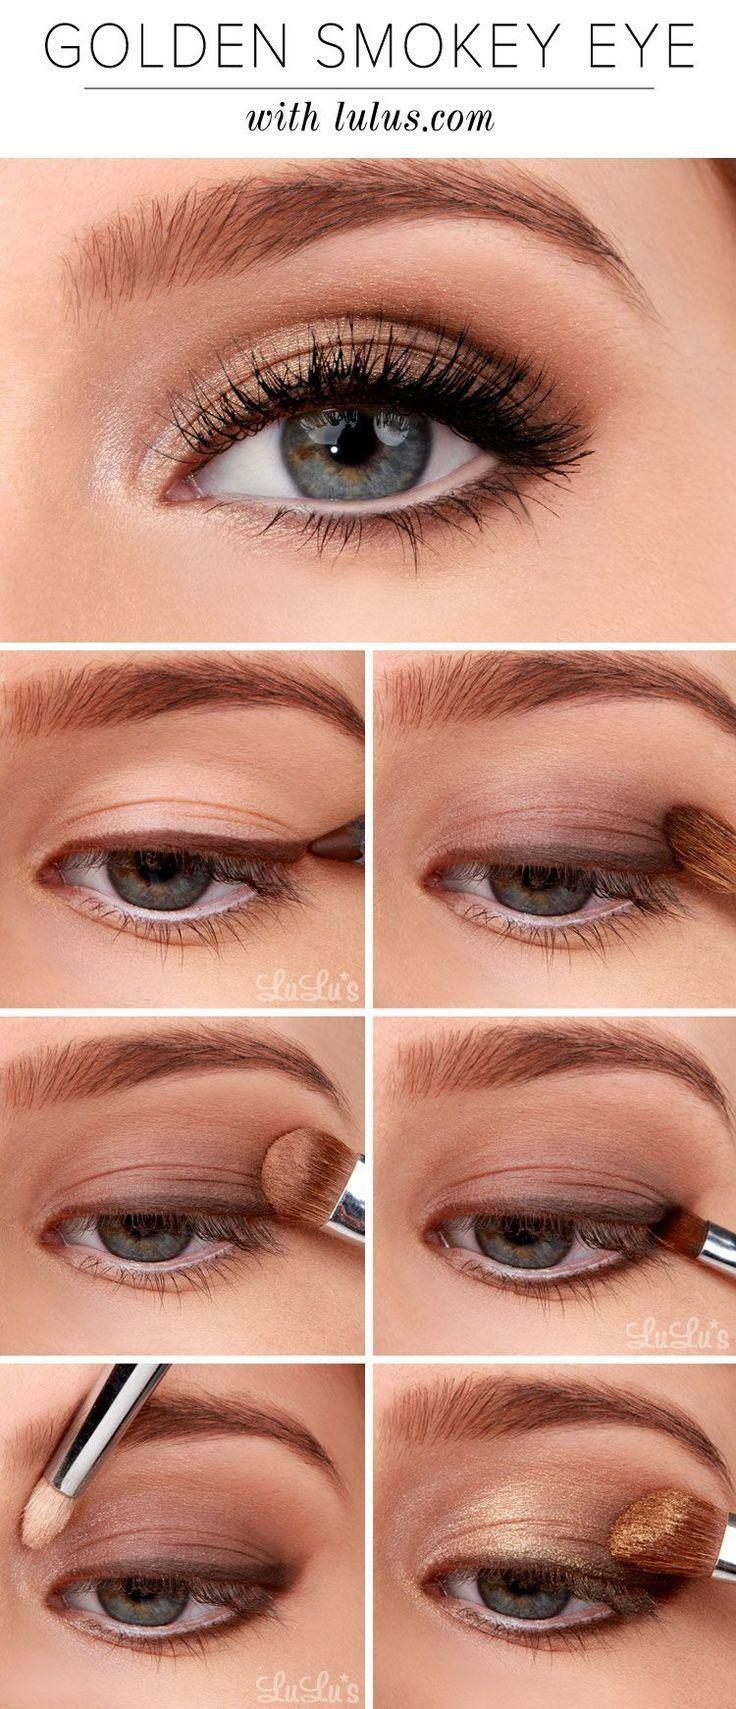 10 Tutorials zur Herstellung makelloser Eyeliner 10 Tutorials zur Herstellung makelloser Eyeliner,